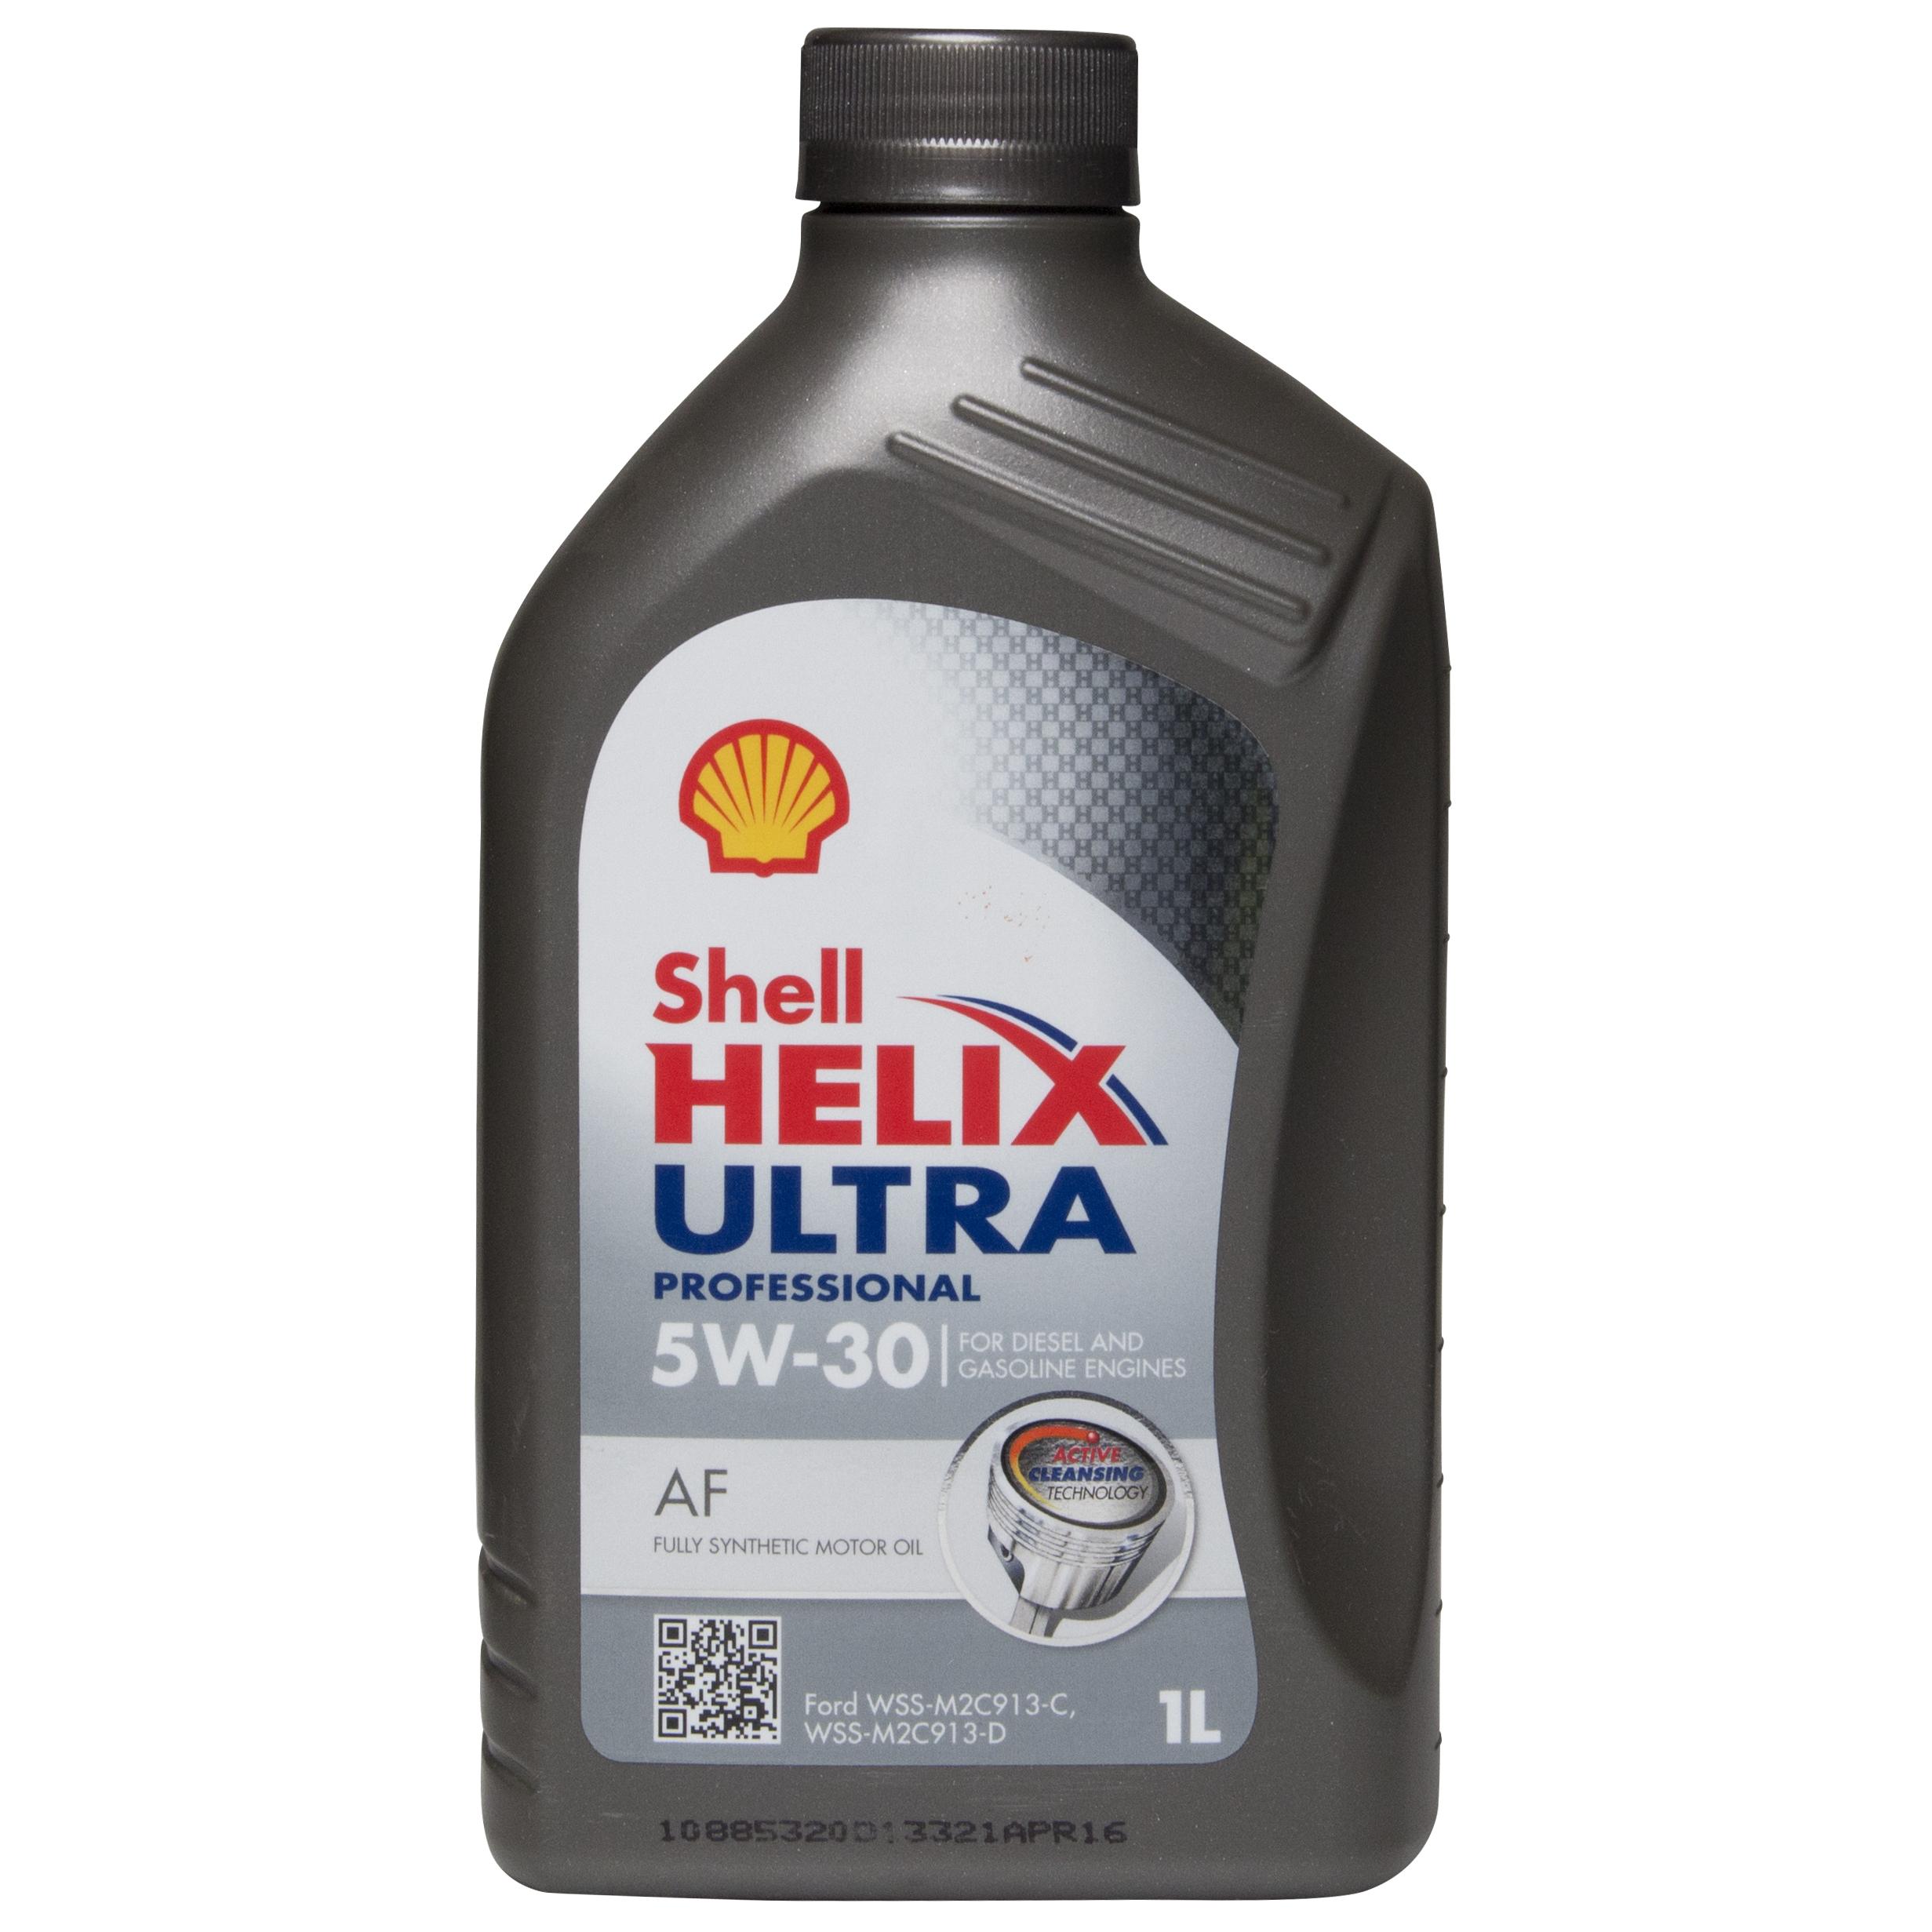 shell helix ultra professional af sae 5w30 1l car motor. Black Bedroom Furniture Sets. Home Design Ideas